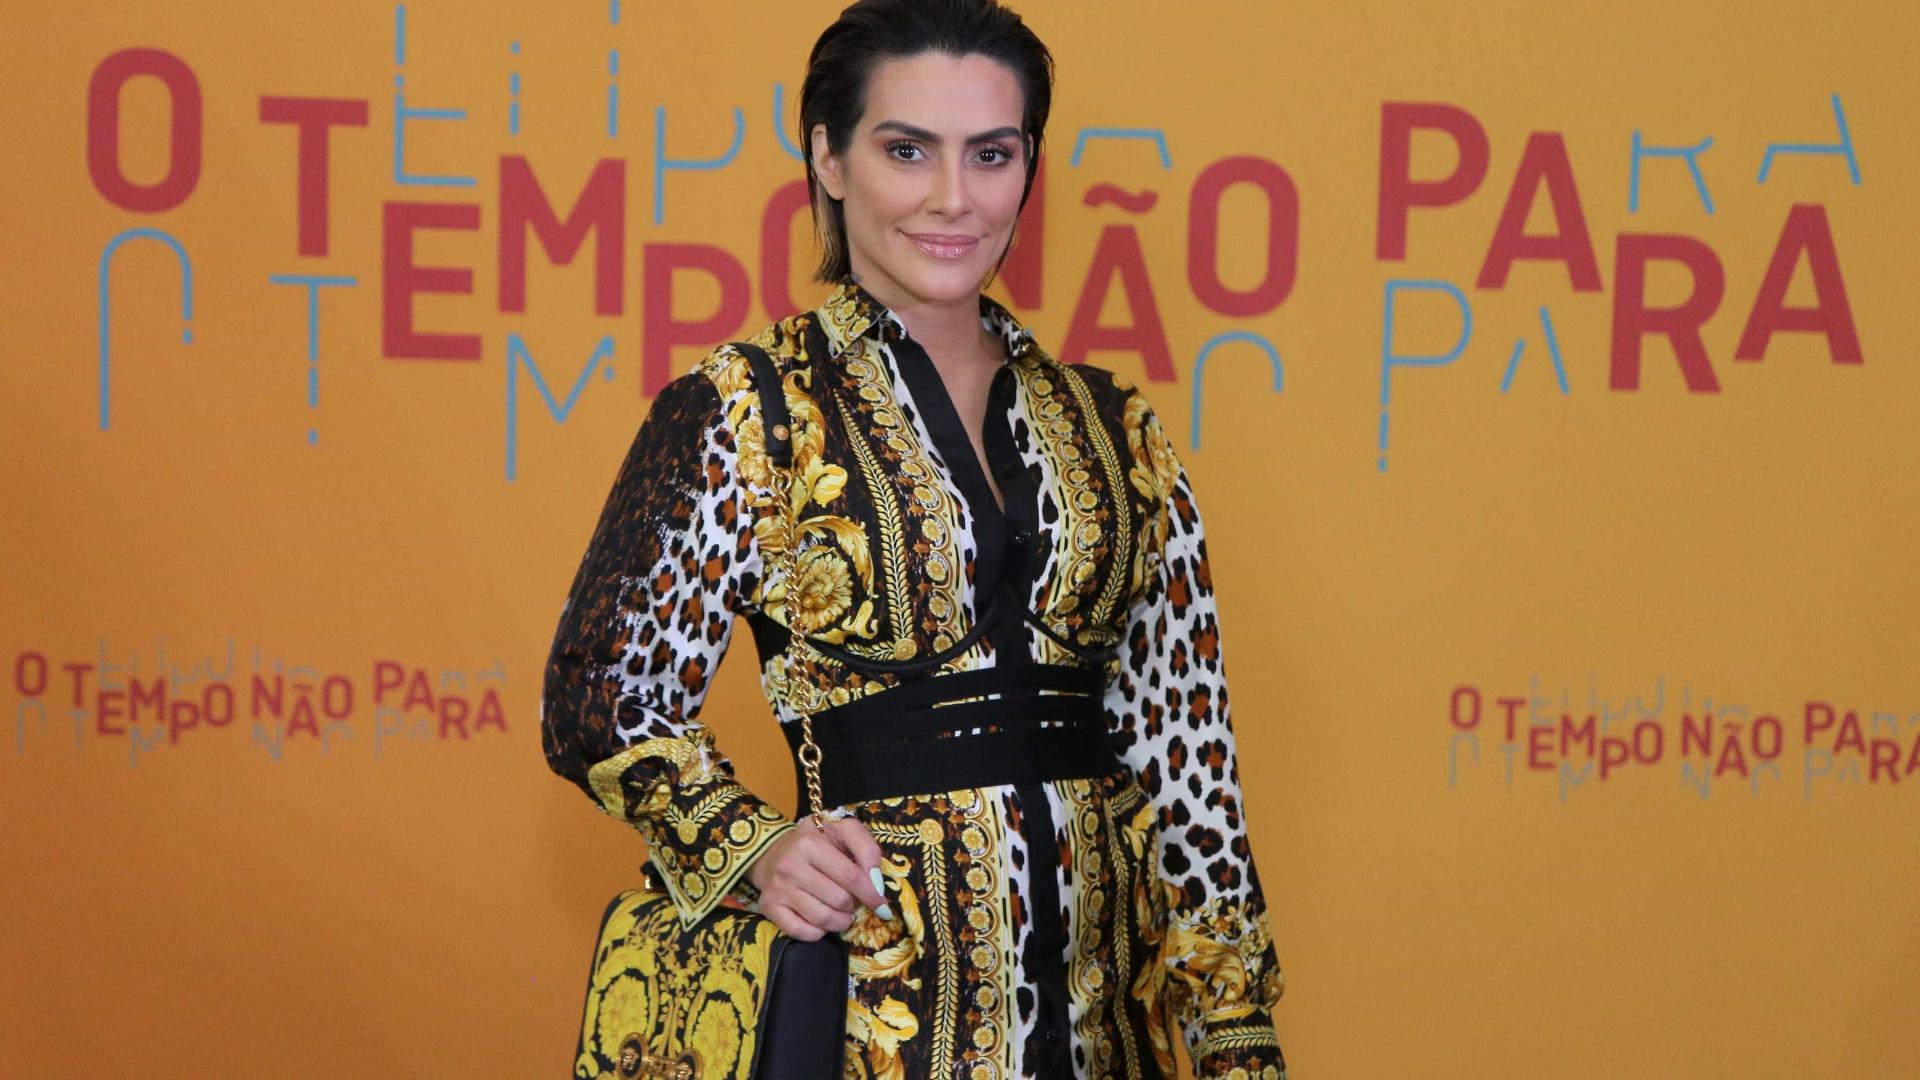 Cleo Pires diz que não se acha bonita em fotos de eventos